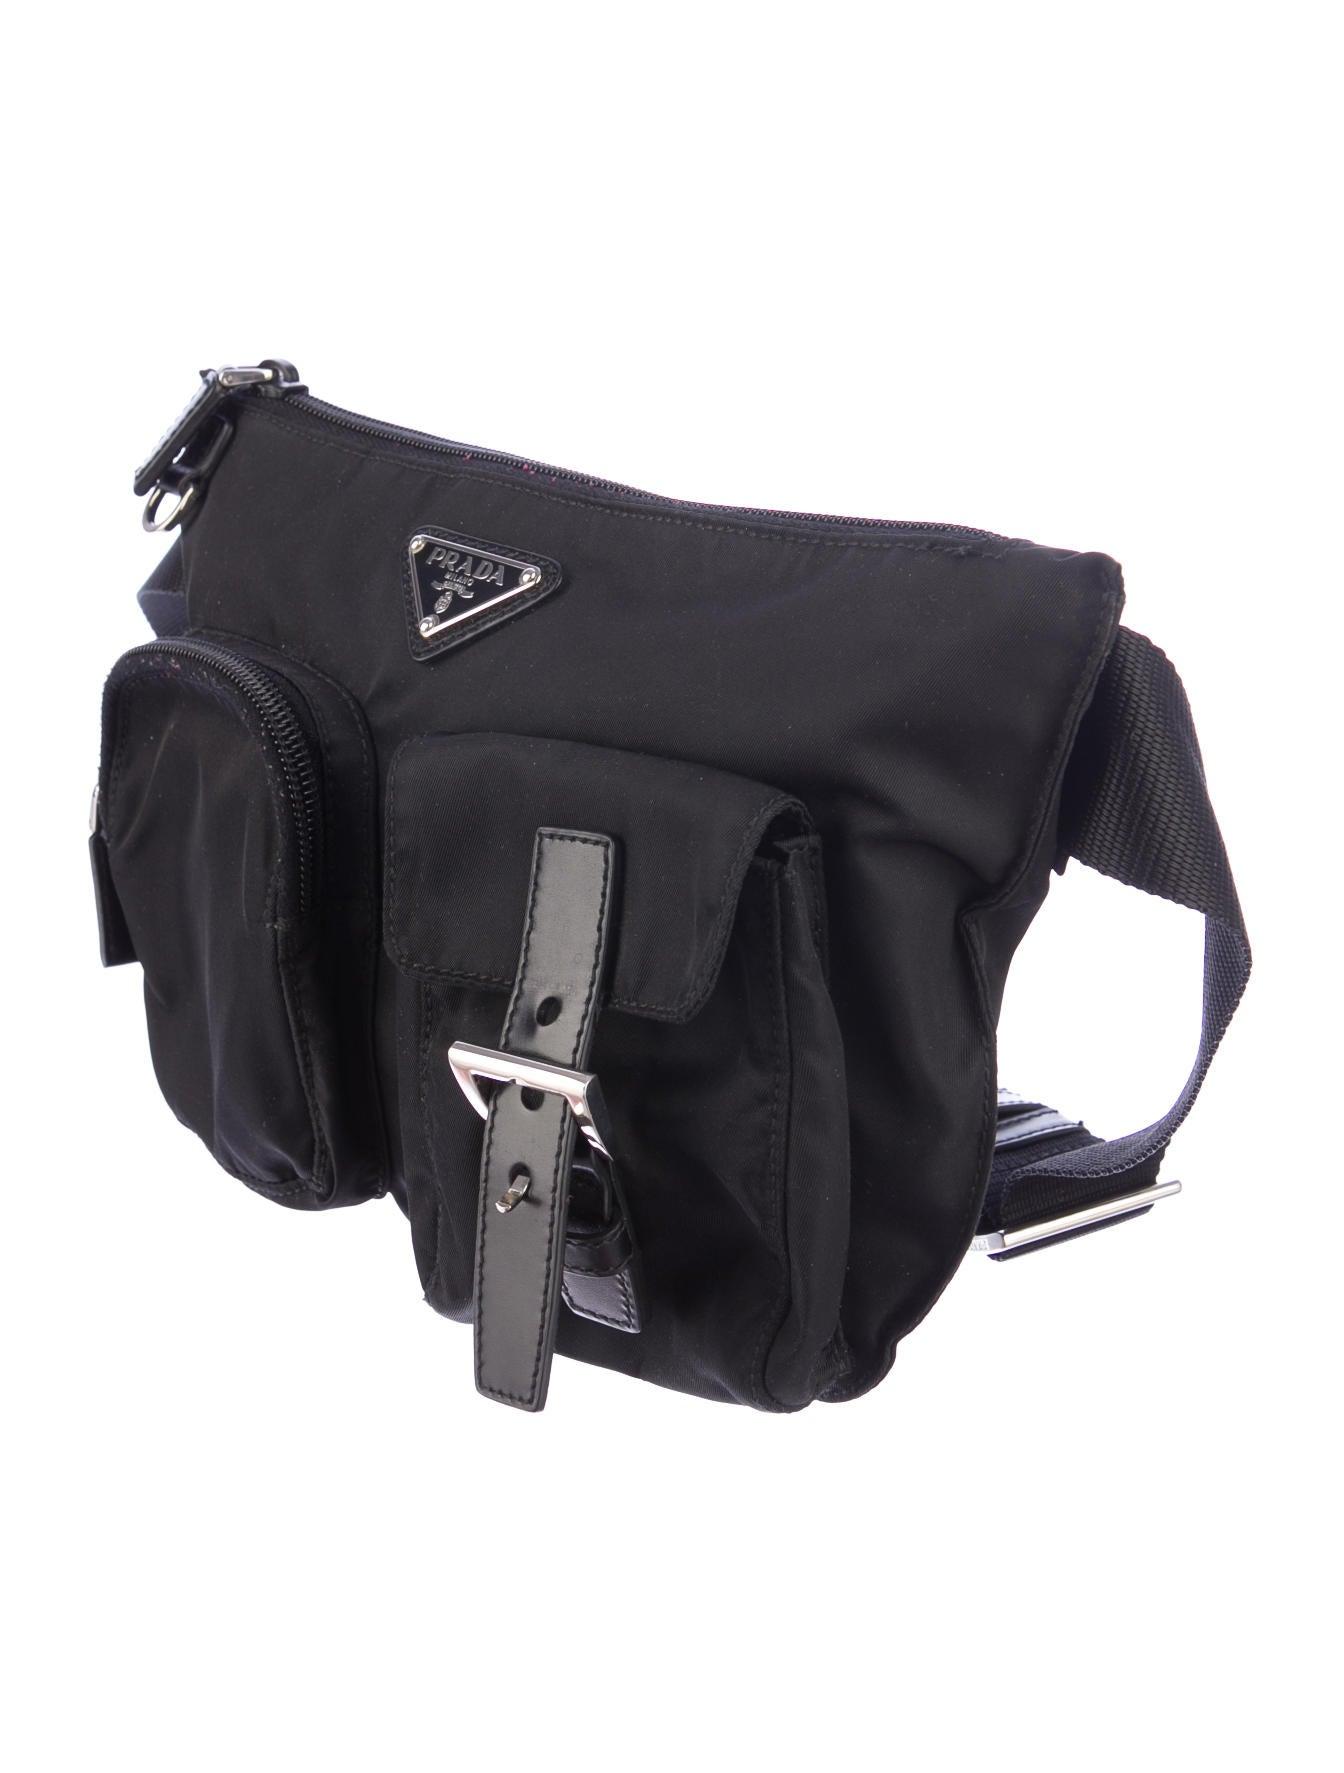 original prada bag - Prada Vela Belt Bag - Handbags - PRA48787 | The RealReal